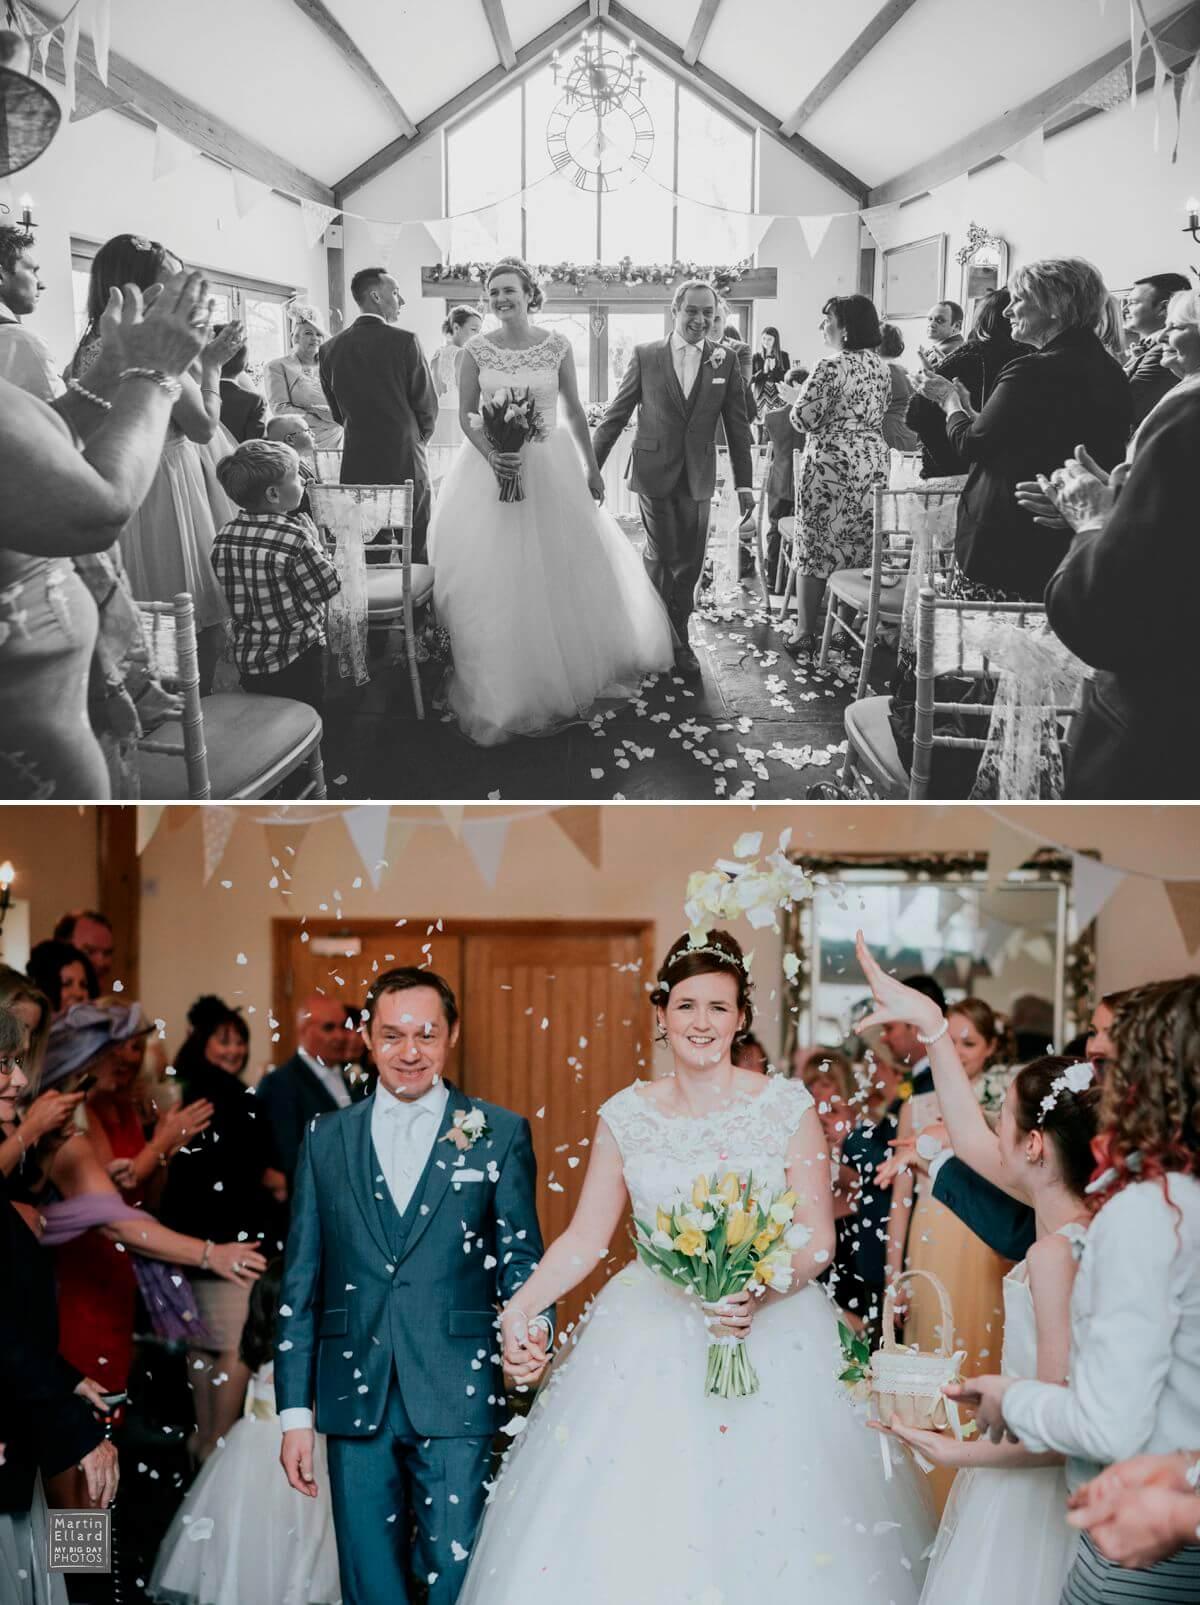 Oldwalls Swansea weddings